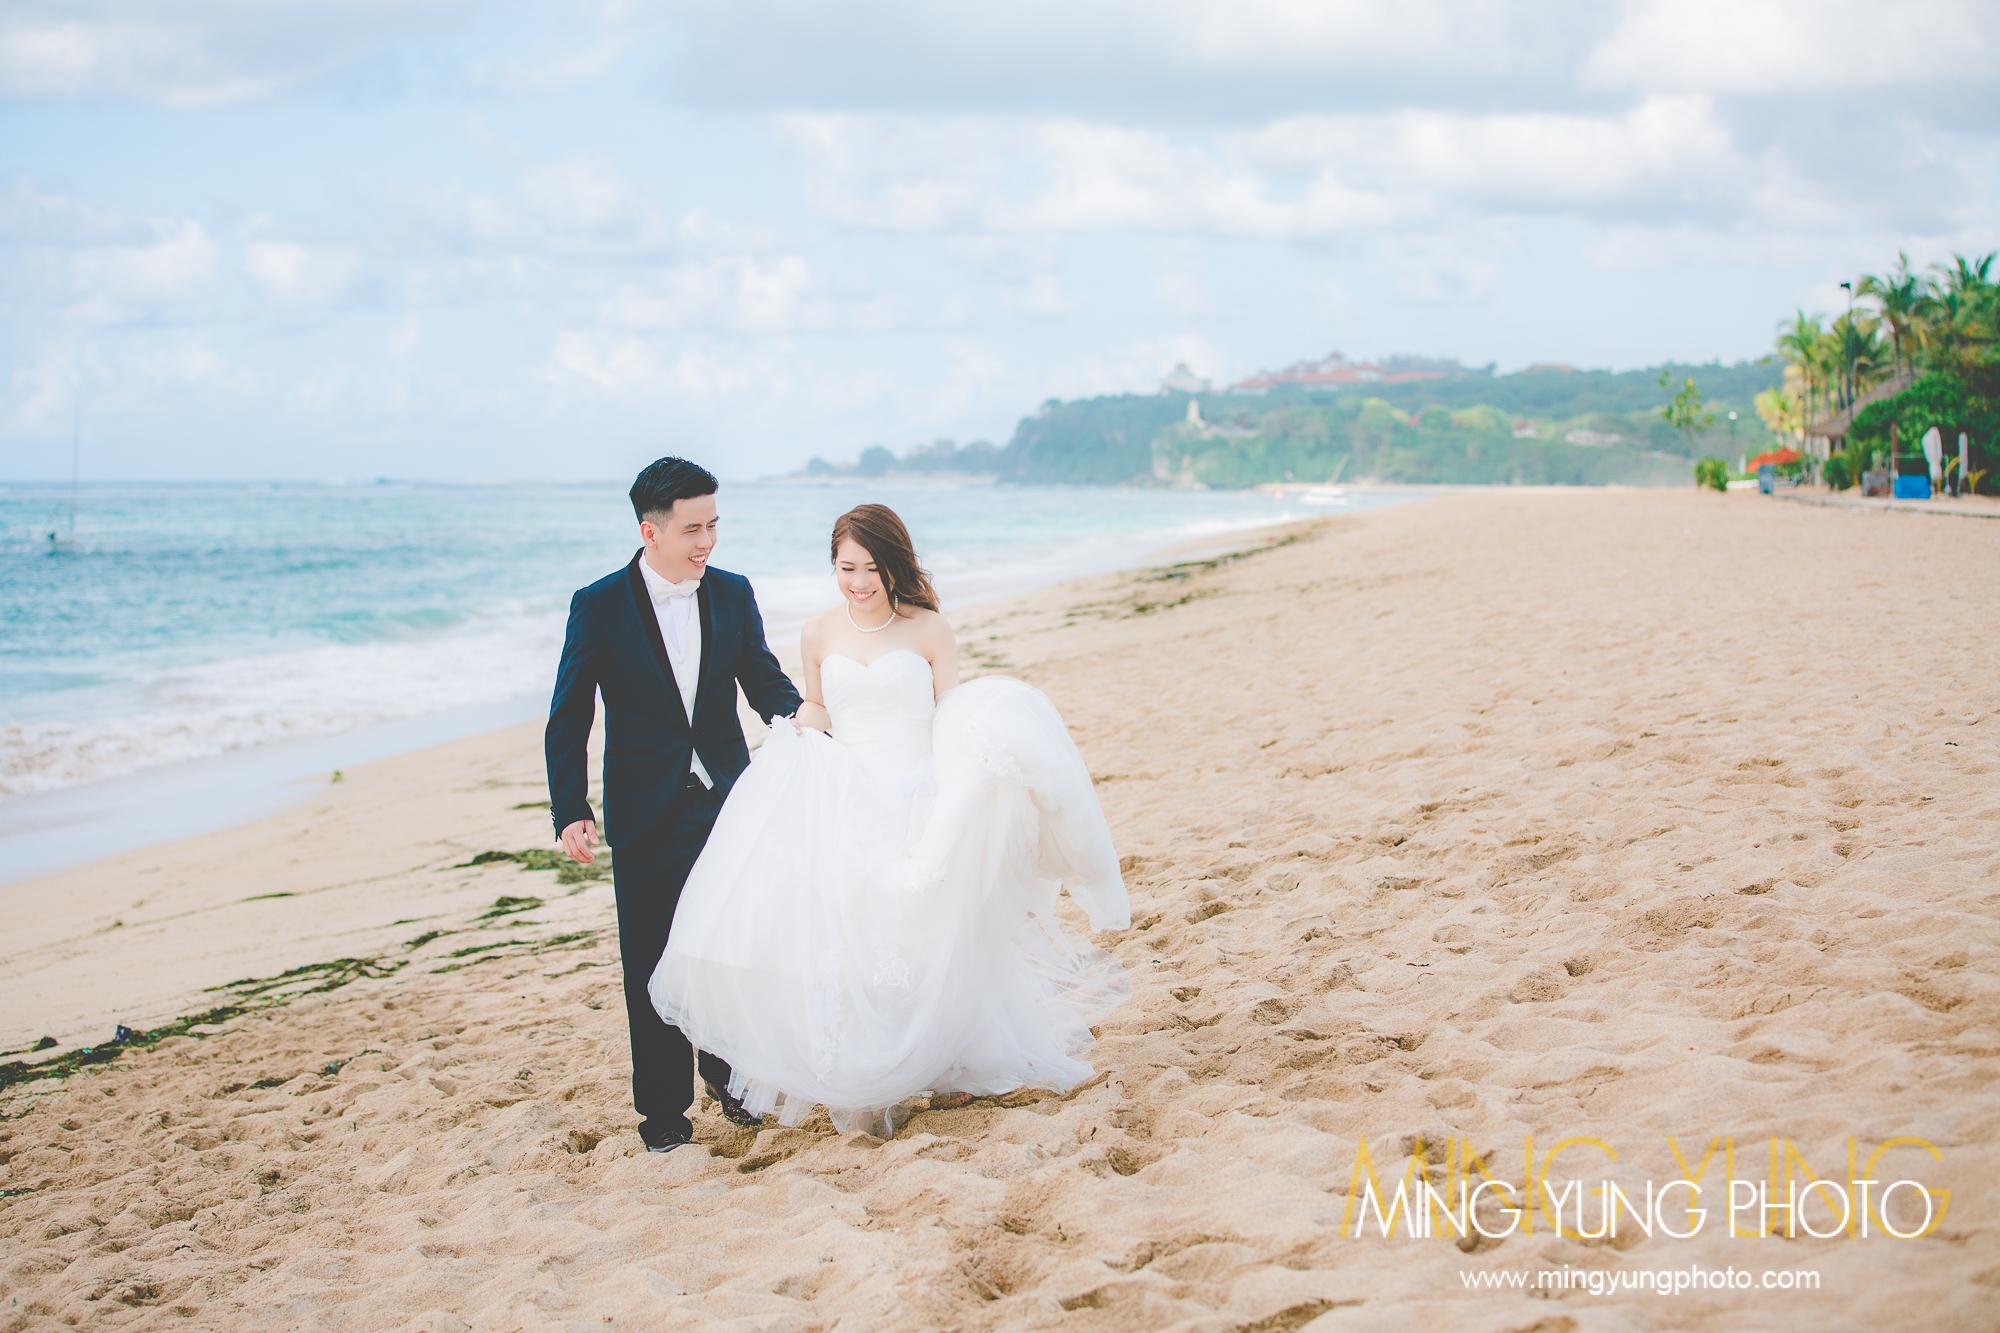 mingyungphoto-20160519-0003